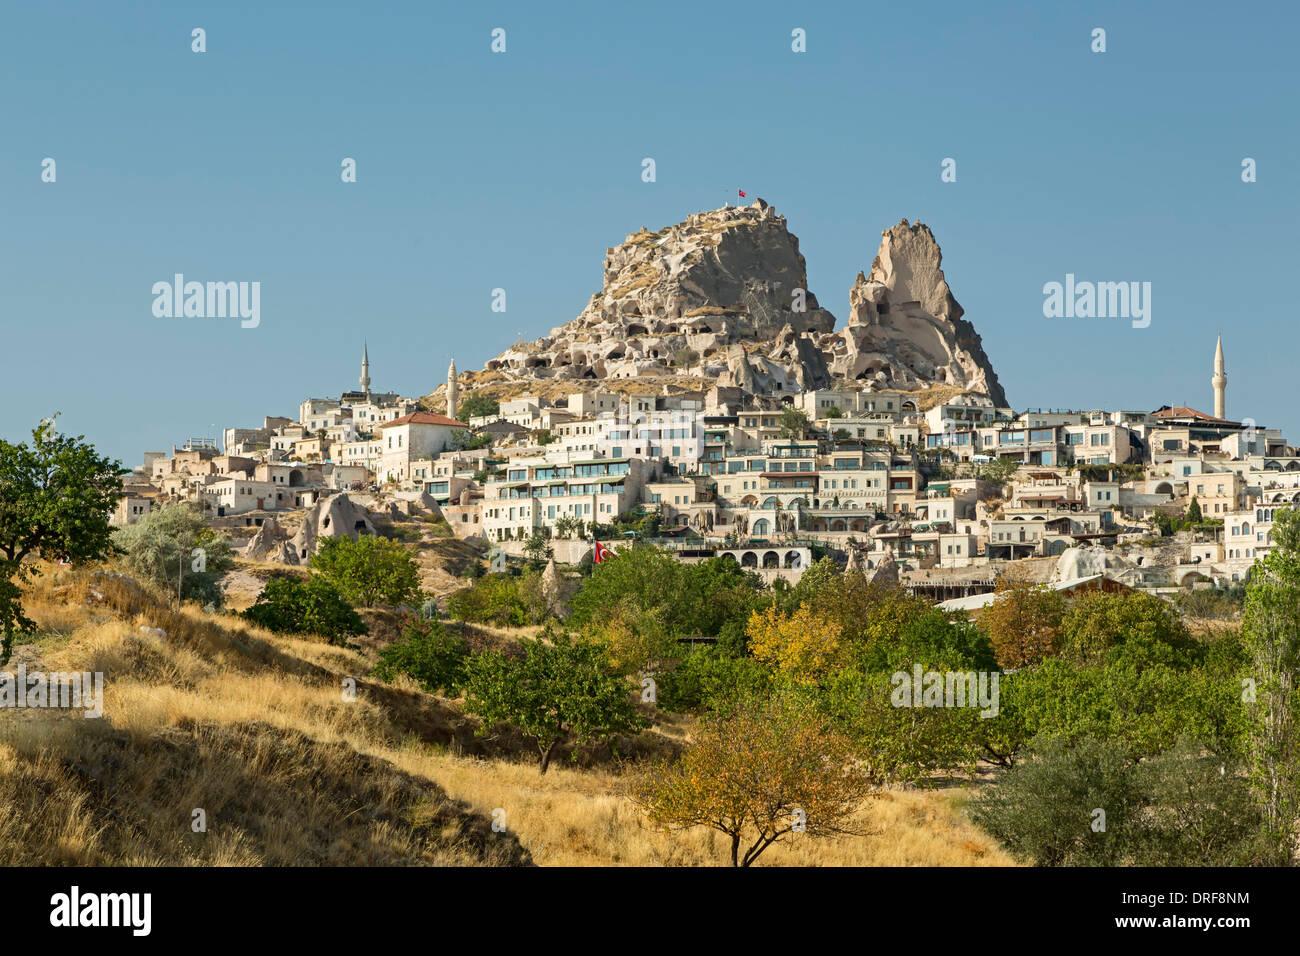 Castillo y pueblo de Uchisar, Cappadocia, Turquía Foto de stock